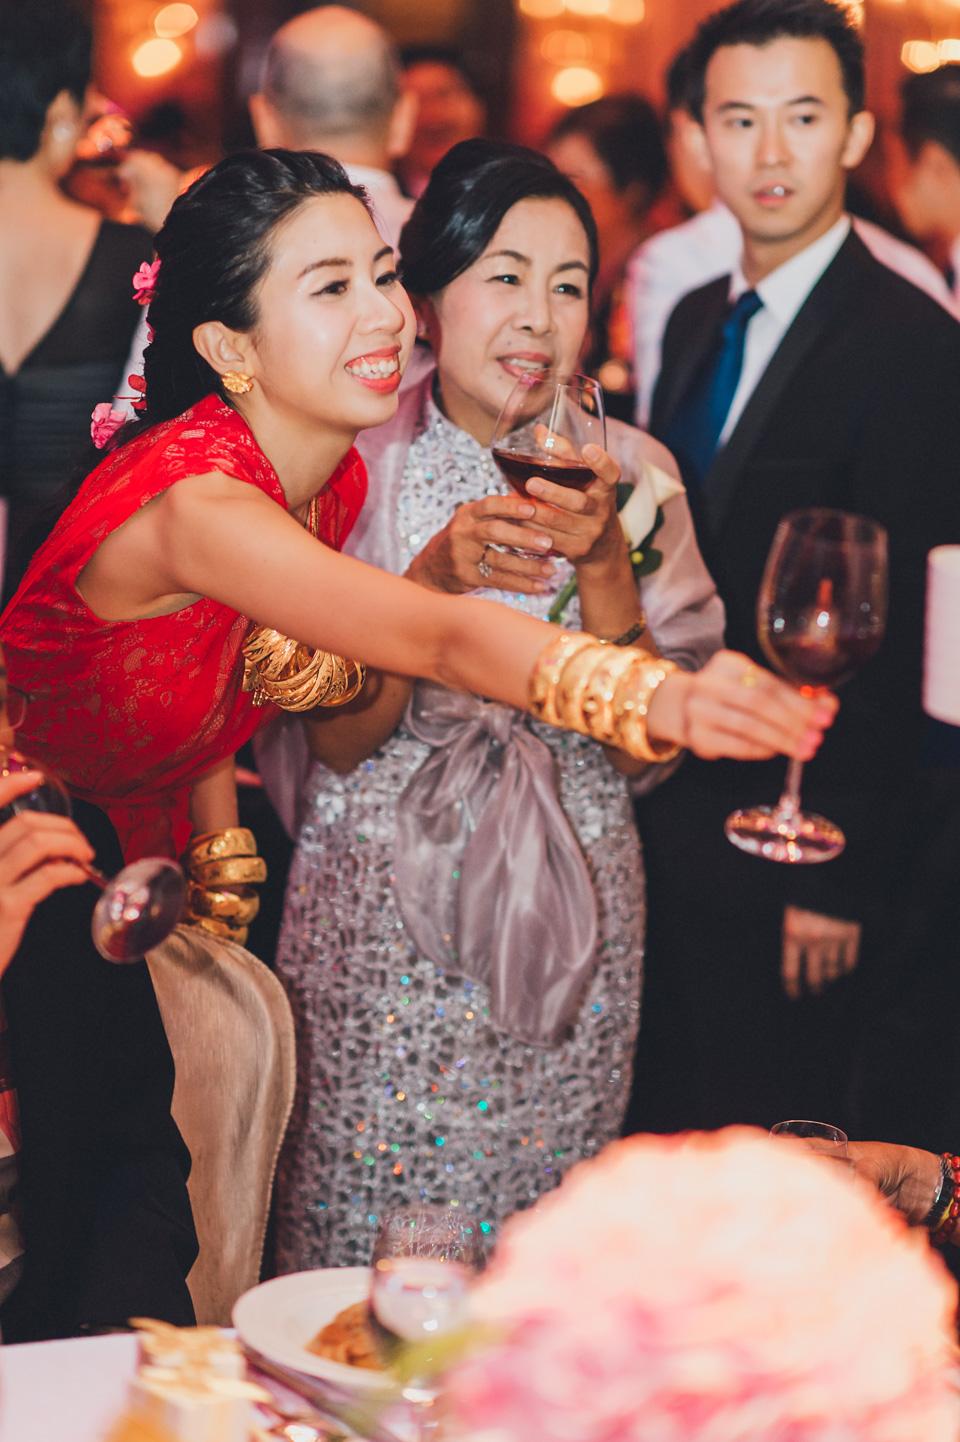 hongkong-wedding-photo-video-146 Kristy & Sam HongKong Wedding Four Saison HKhongkong wedding photo video 146